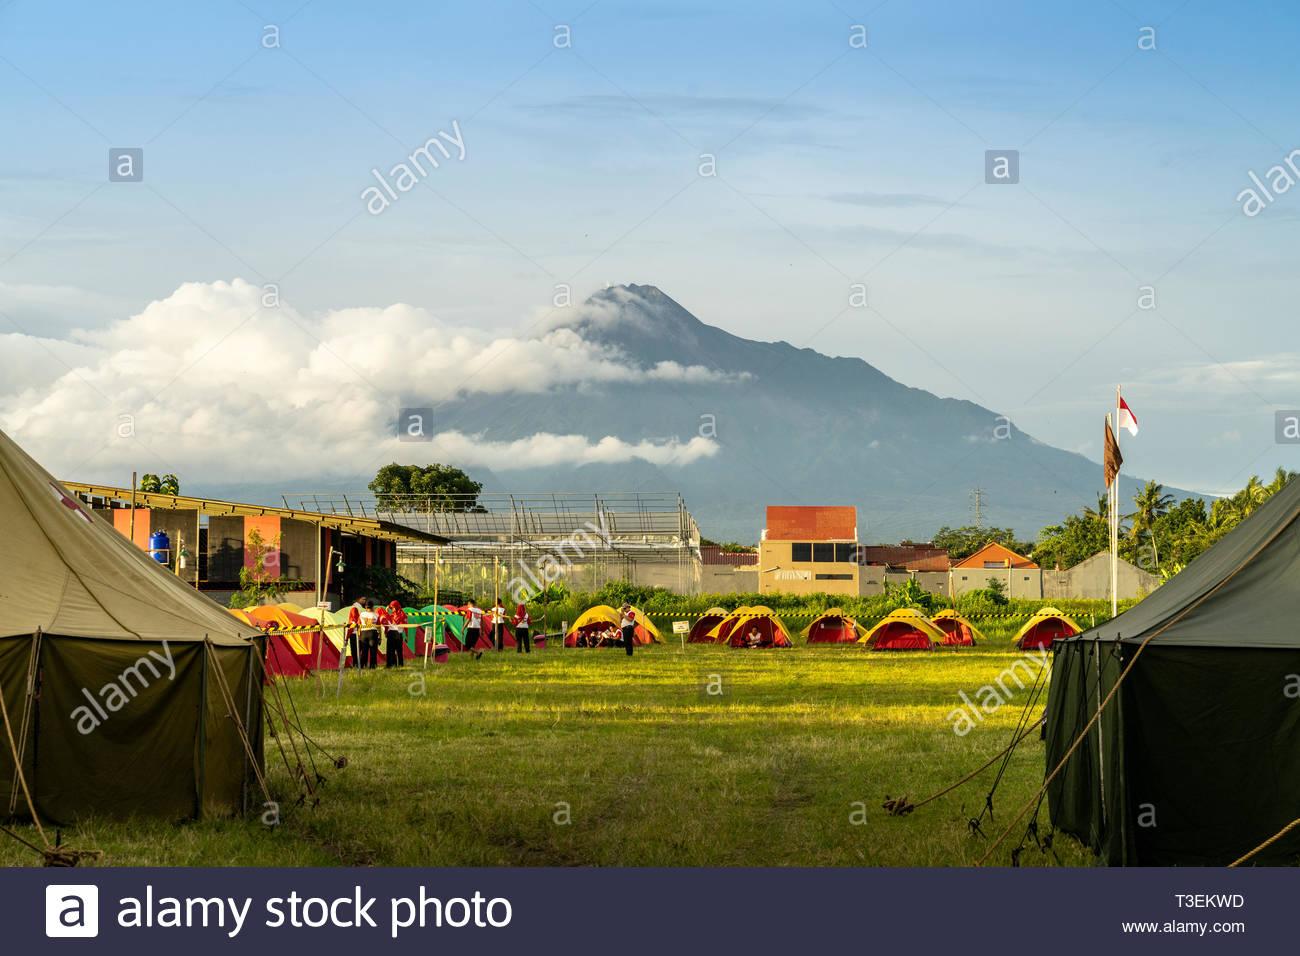 Merapi volcano in indonesia - Stock Image